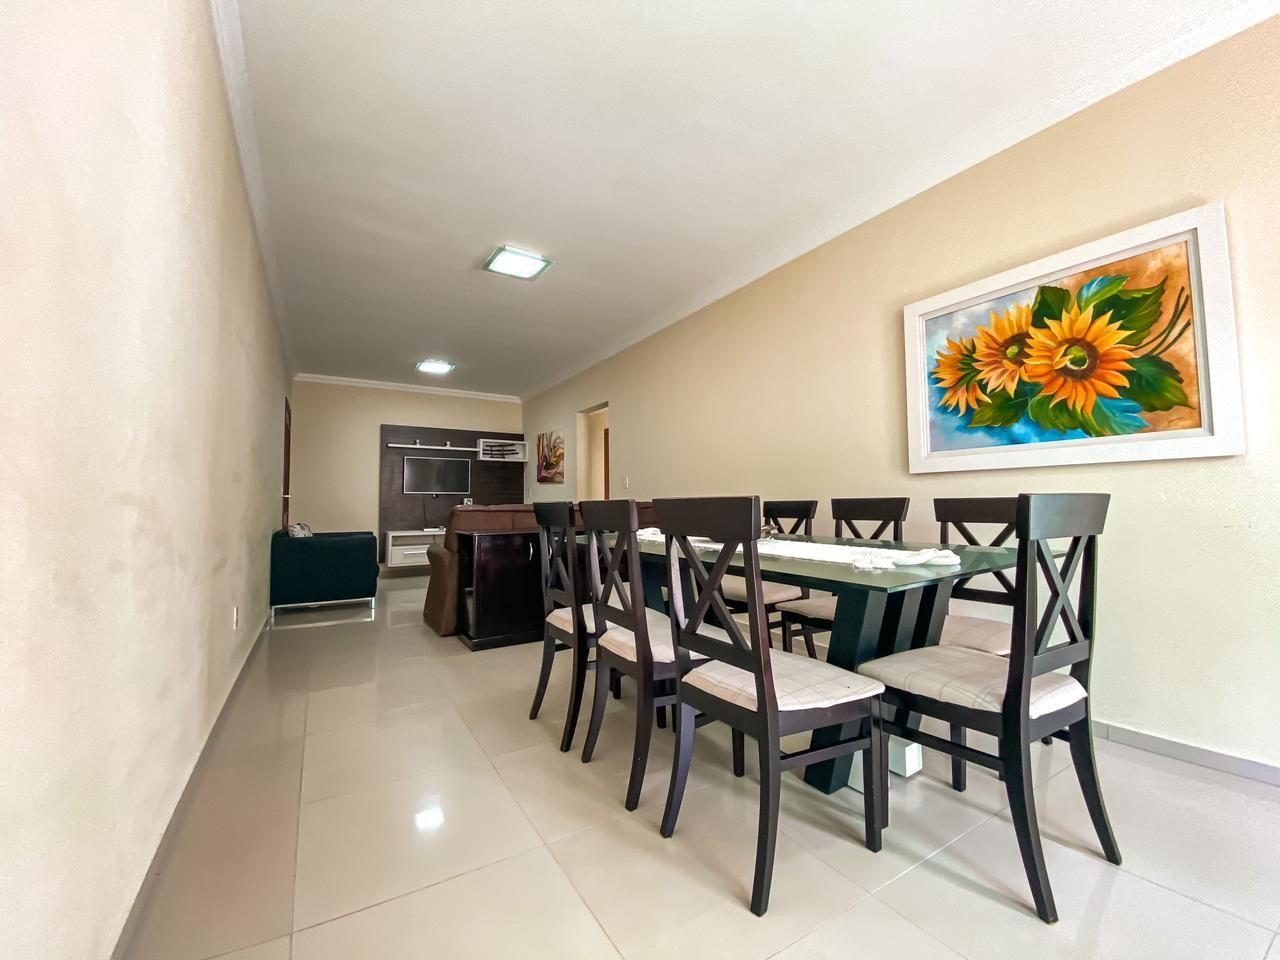 Apartamento com 3 Dormitórios para alugar, 100 m² por R$ 200,00